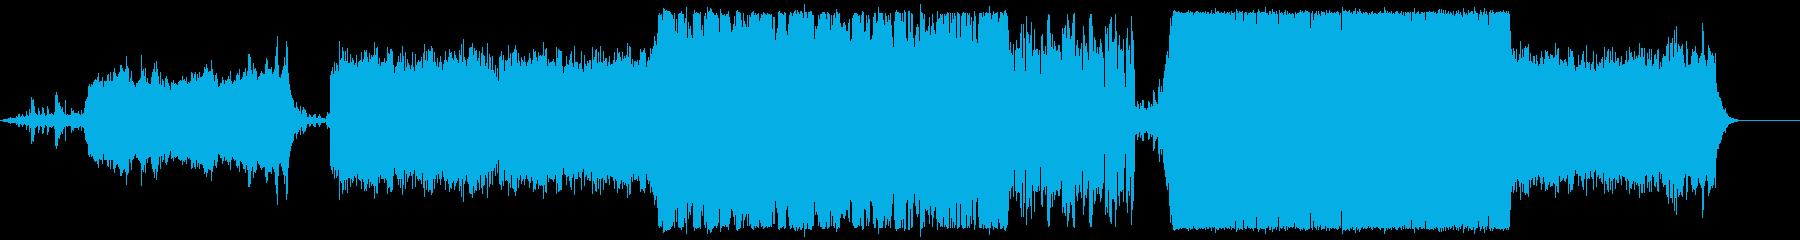 オルガンとクワイアのシネマティック曲の再生済みの波形